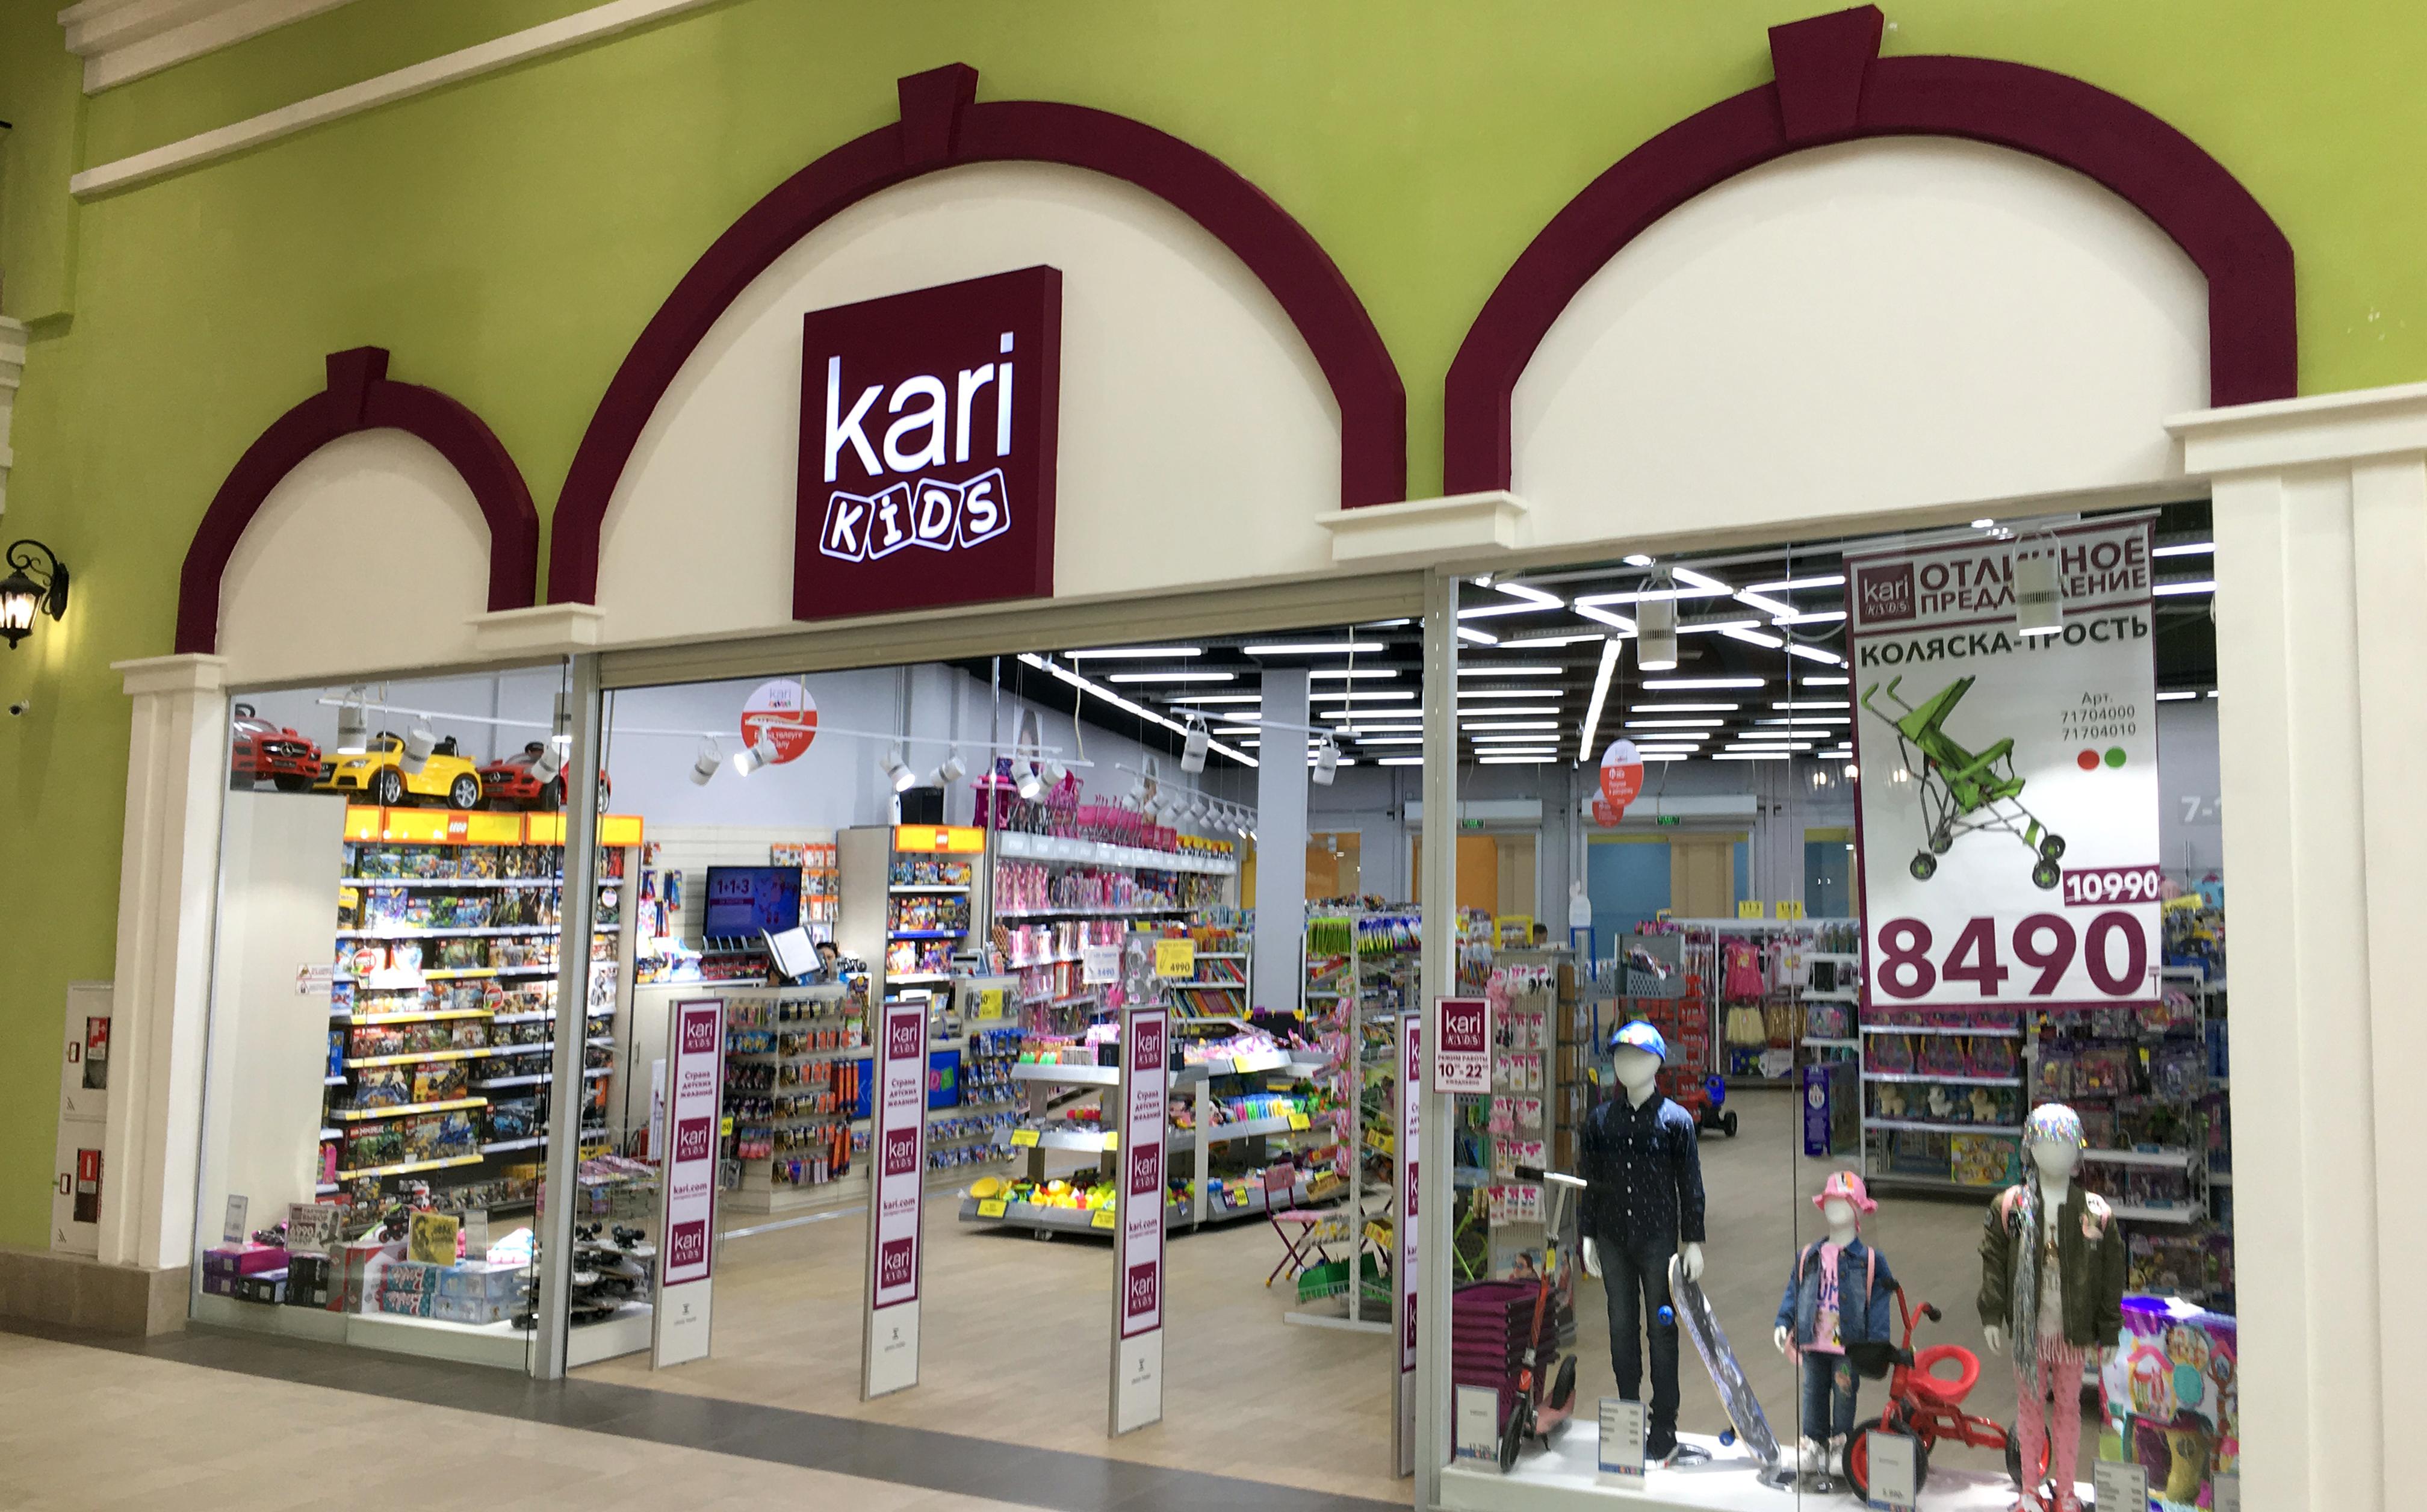 kari KIDS — сеть магазинов детских товаров